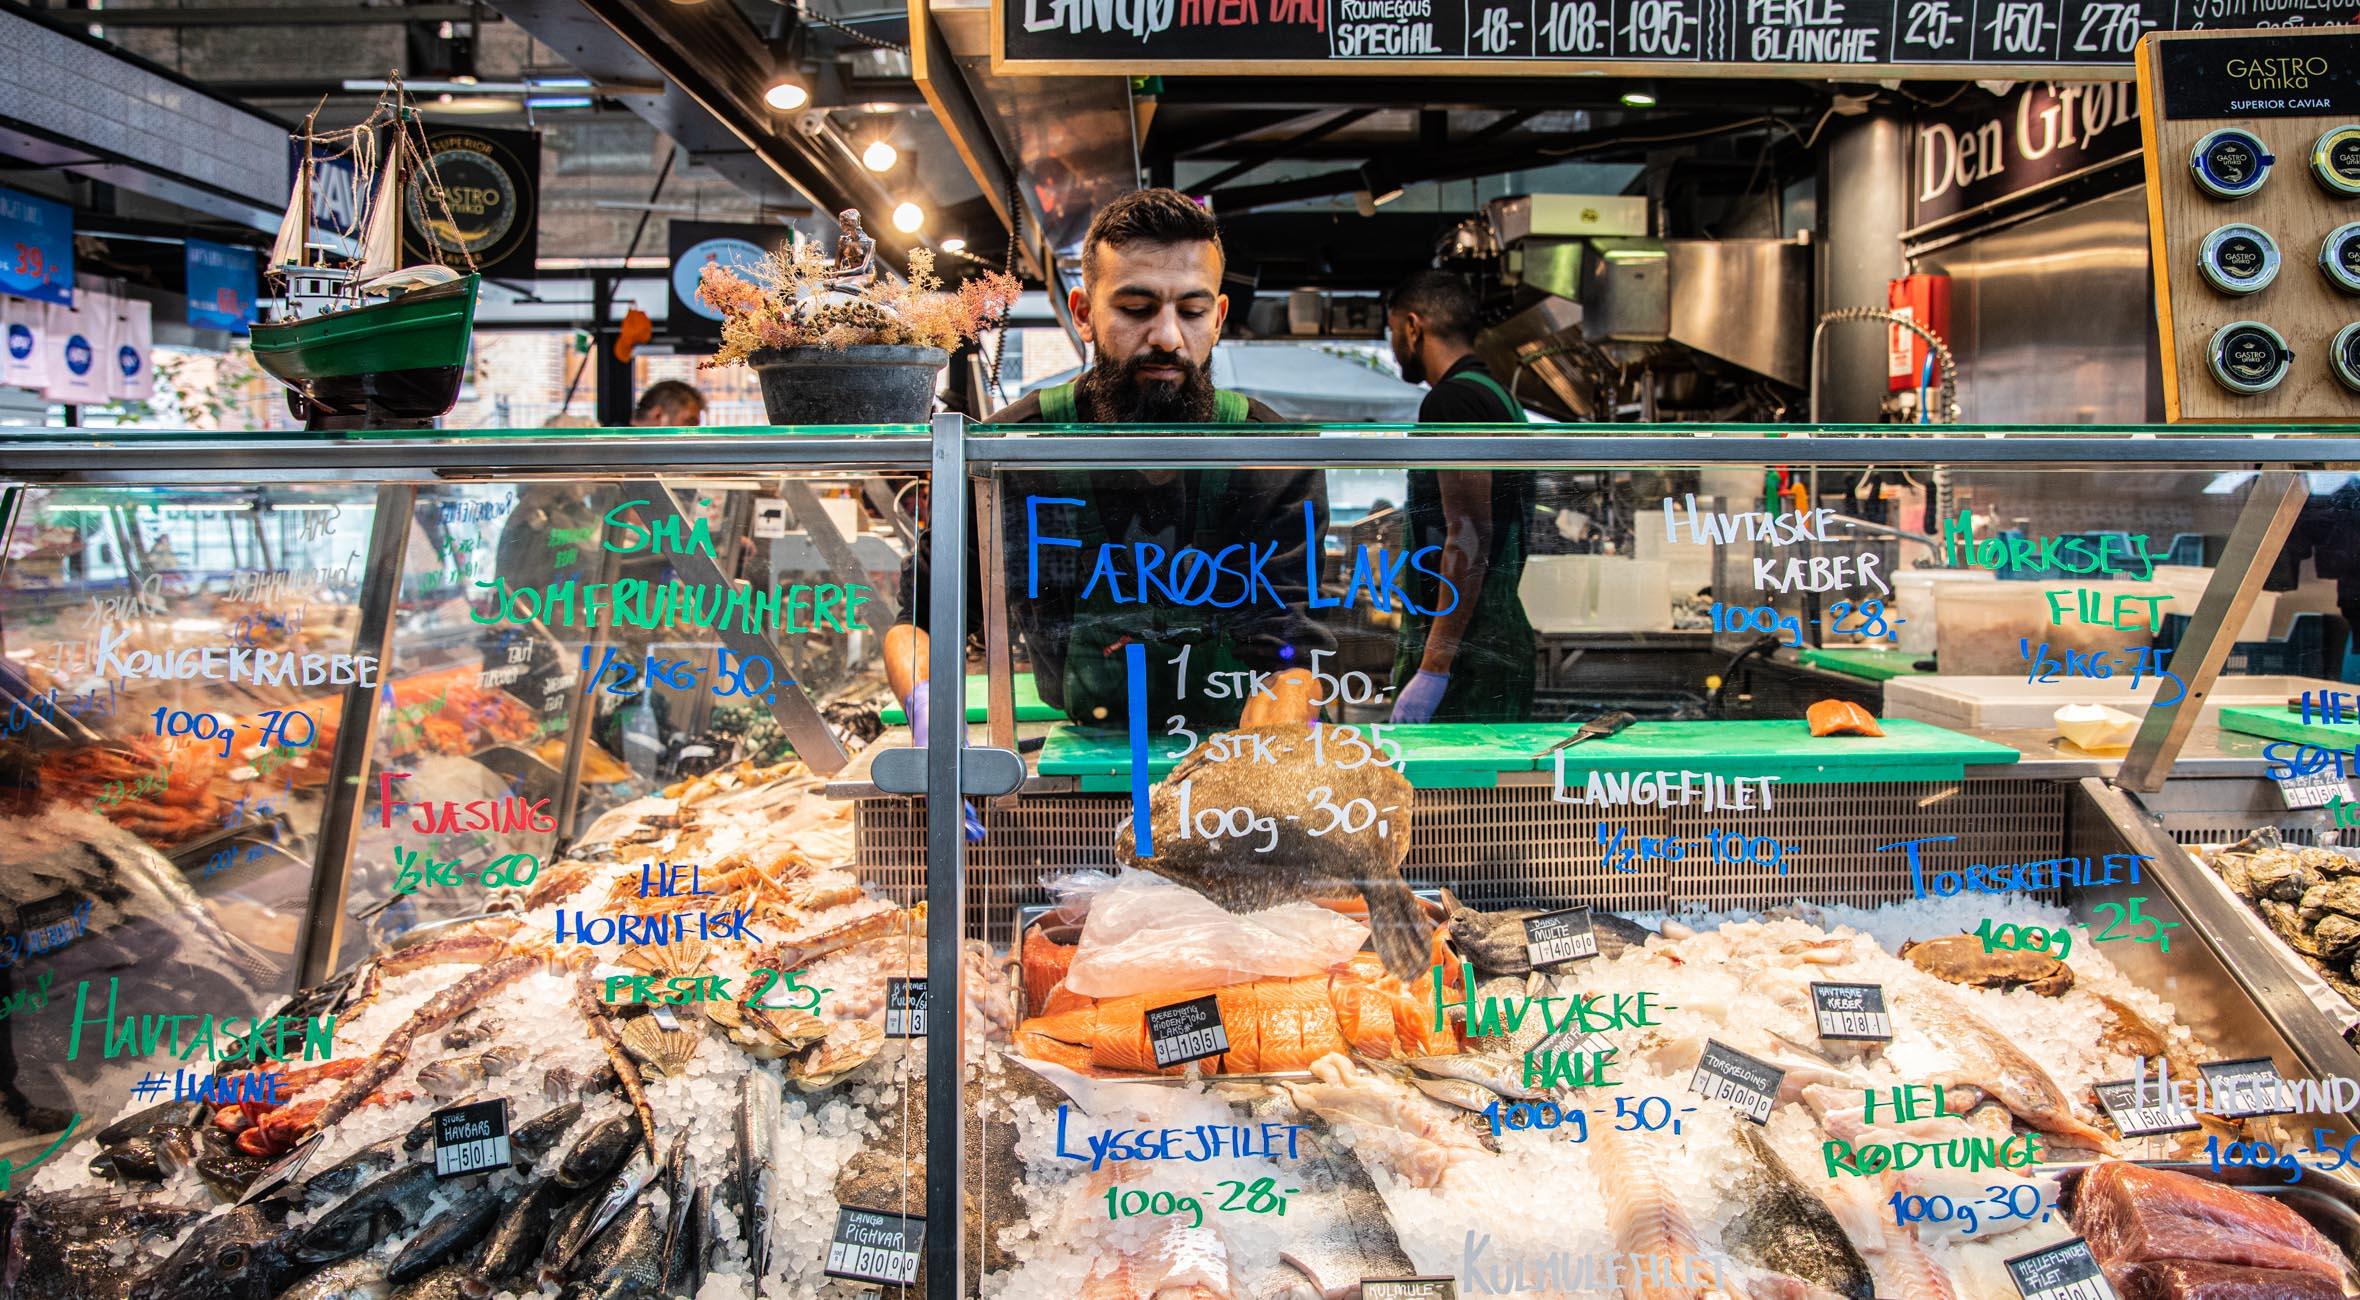 Frit valg til alt hos Den Grønne Kutter i Torvehallerne – Bæredygtig fiskeforretning byder på alt fra færøsk laks til Skagen-rejer, fiskefrikadeller og limfjordsøsters